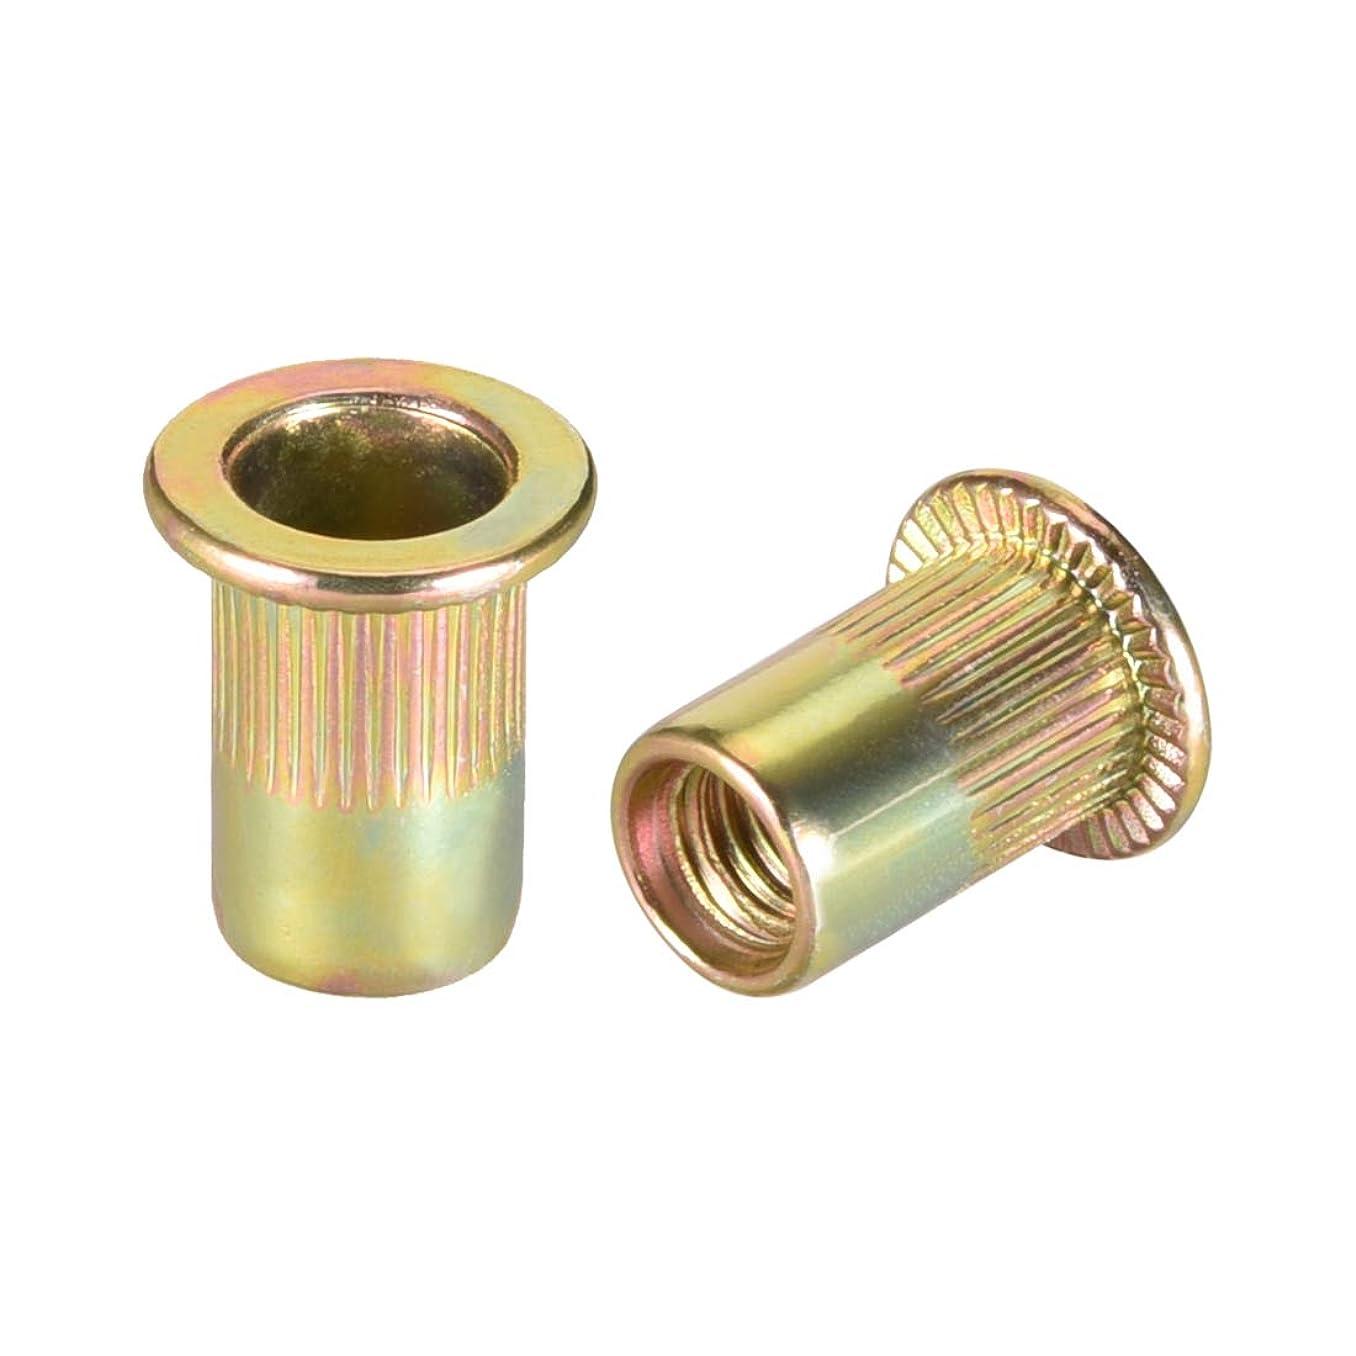 uxcell M6 Carbon Steel Rivet Nuts Flat Head Insert Nutsert Yellow Zinc Plated 20 Pcs